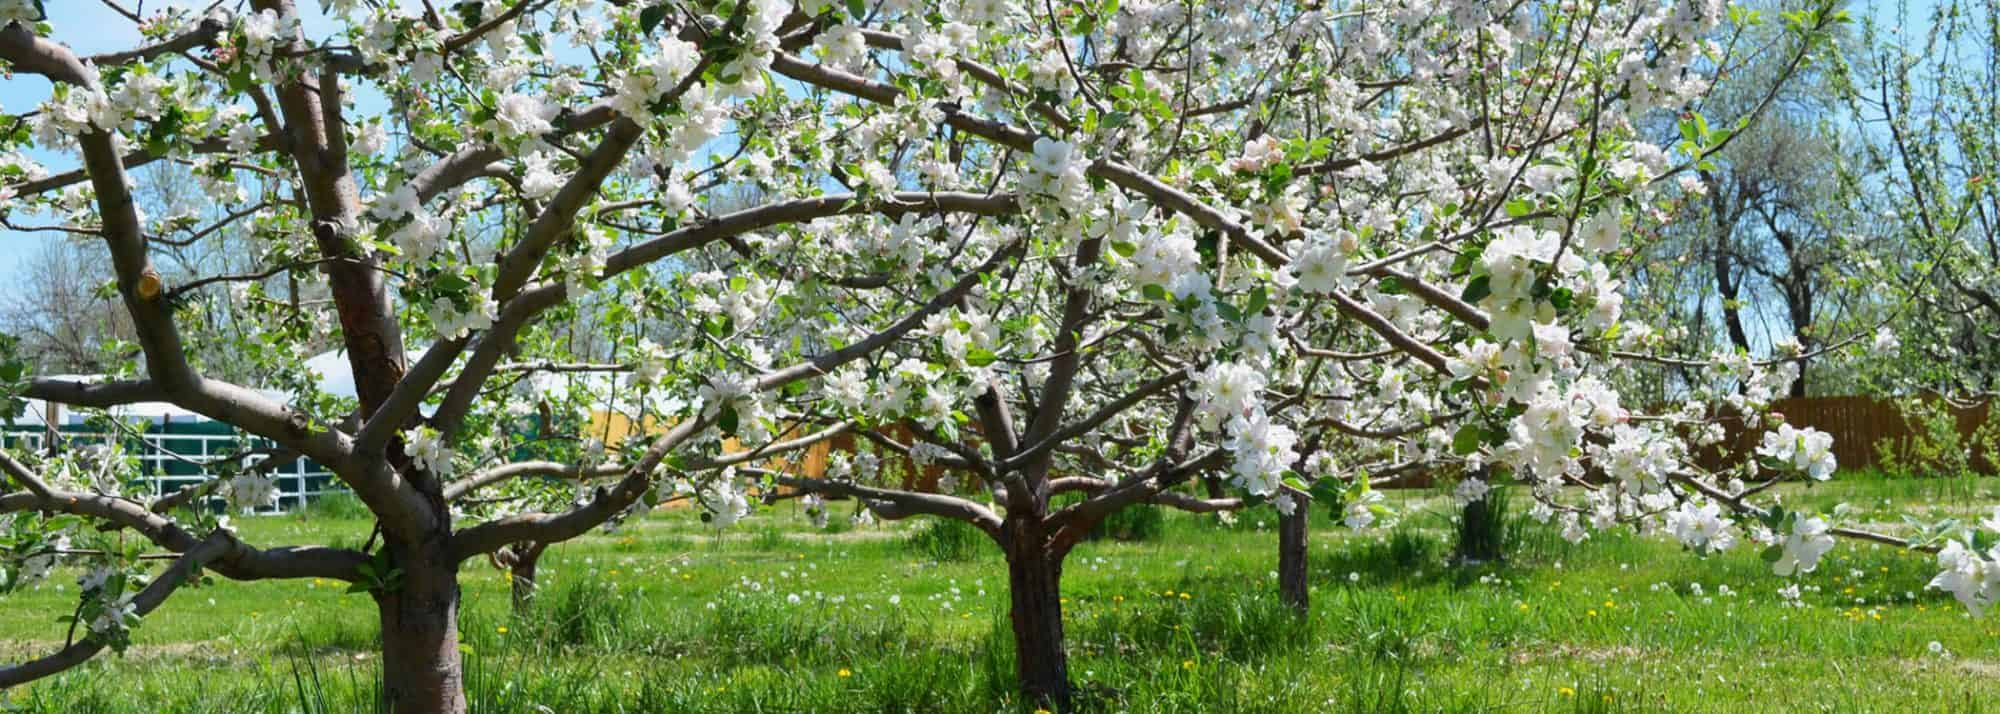 YA YA Farm & Orchard